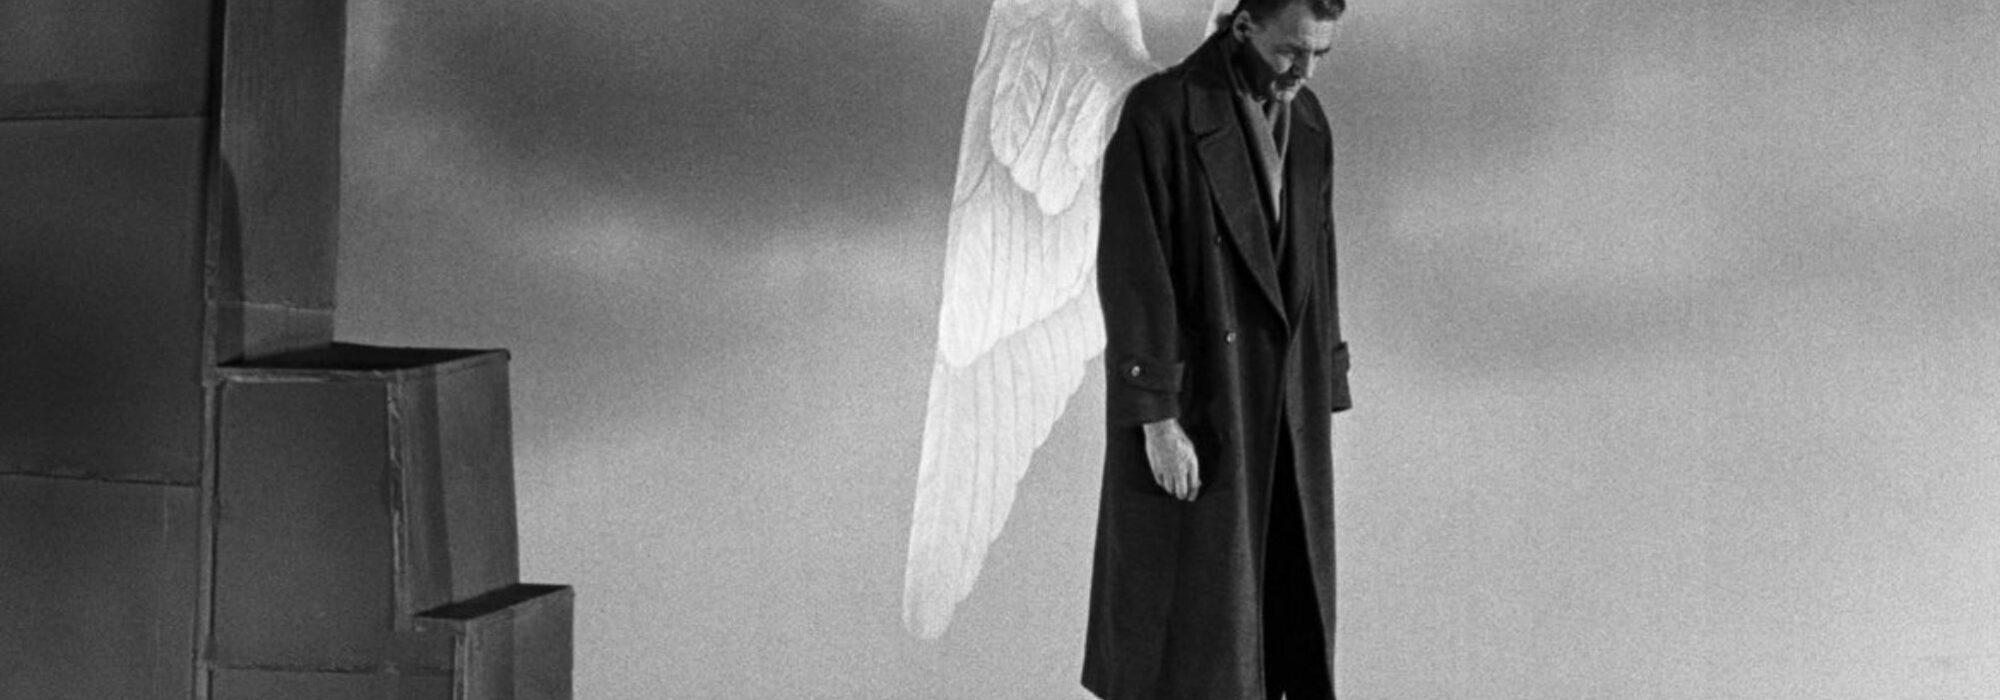 Imagem: cena do filme Asas do Desejo (Wim Wenders, 1987)